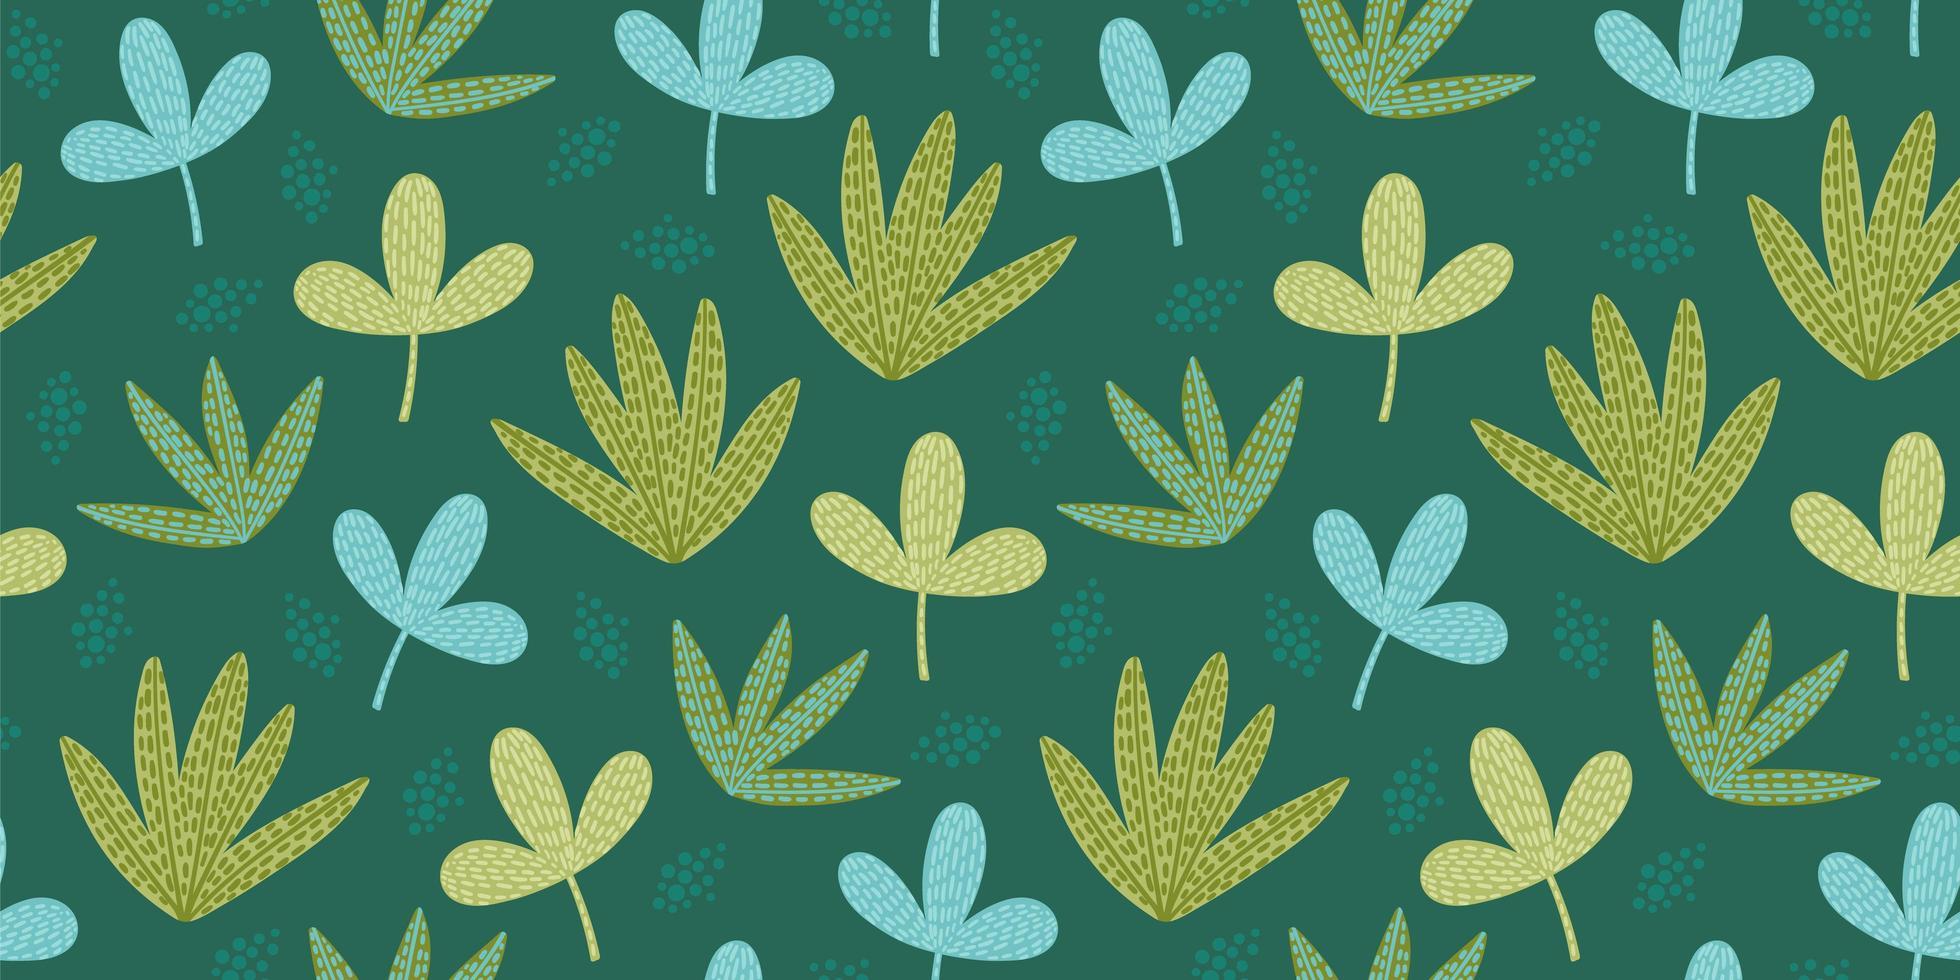 padrão sem emenda artístico com folhas abstratas. design moderno para papel, capa, tecido, decoração de interiores e outros. vetor